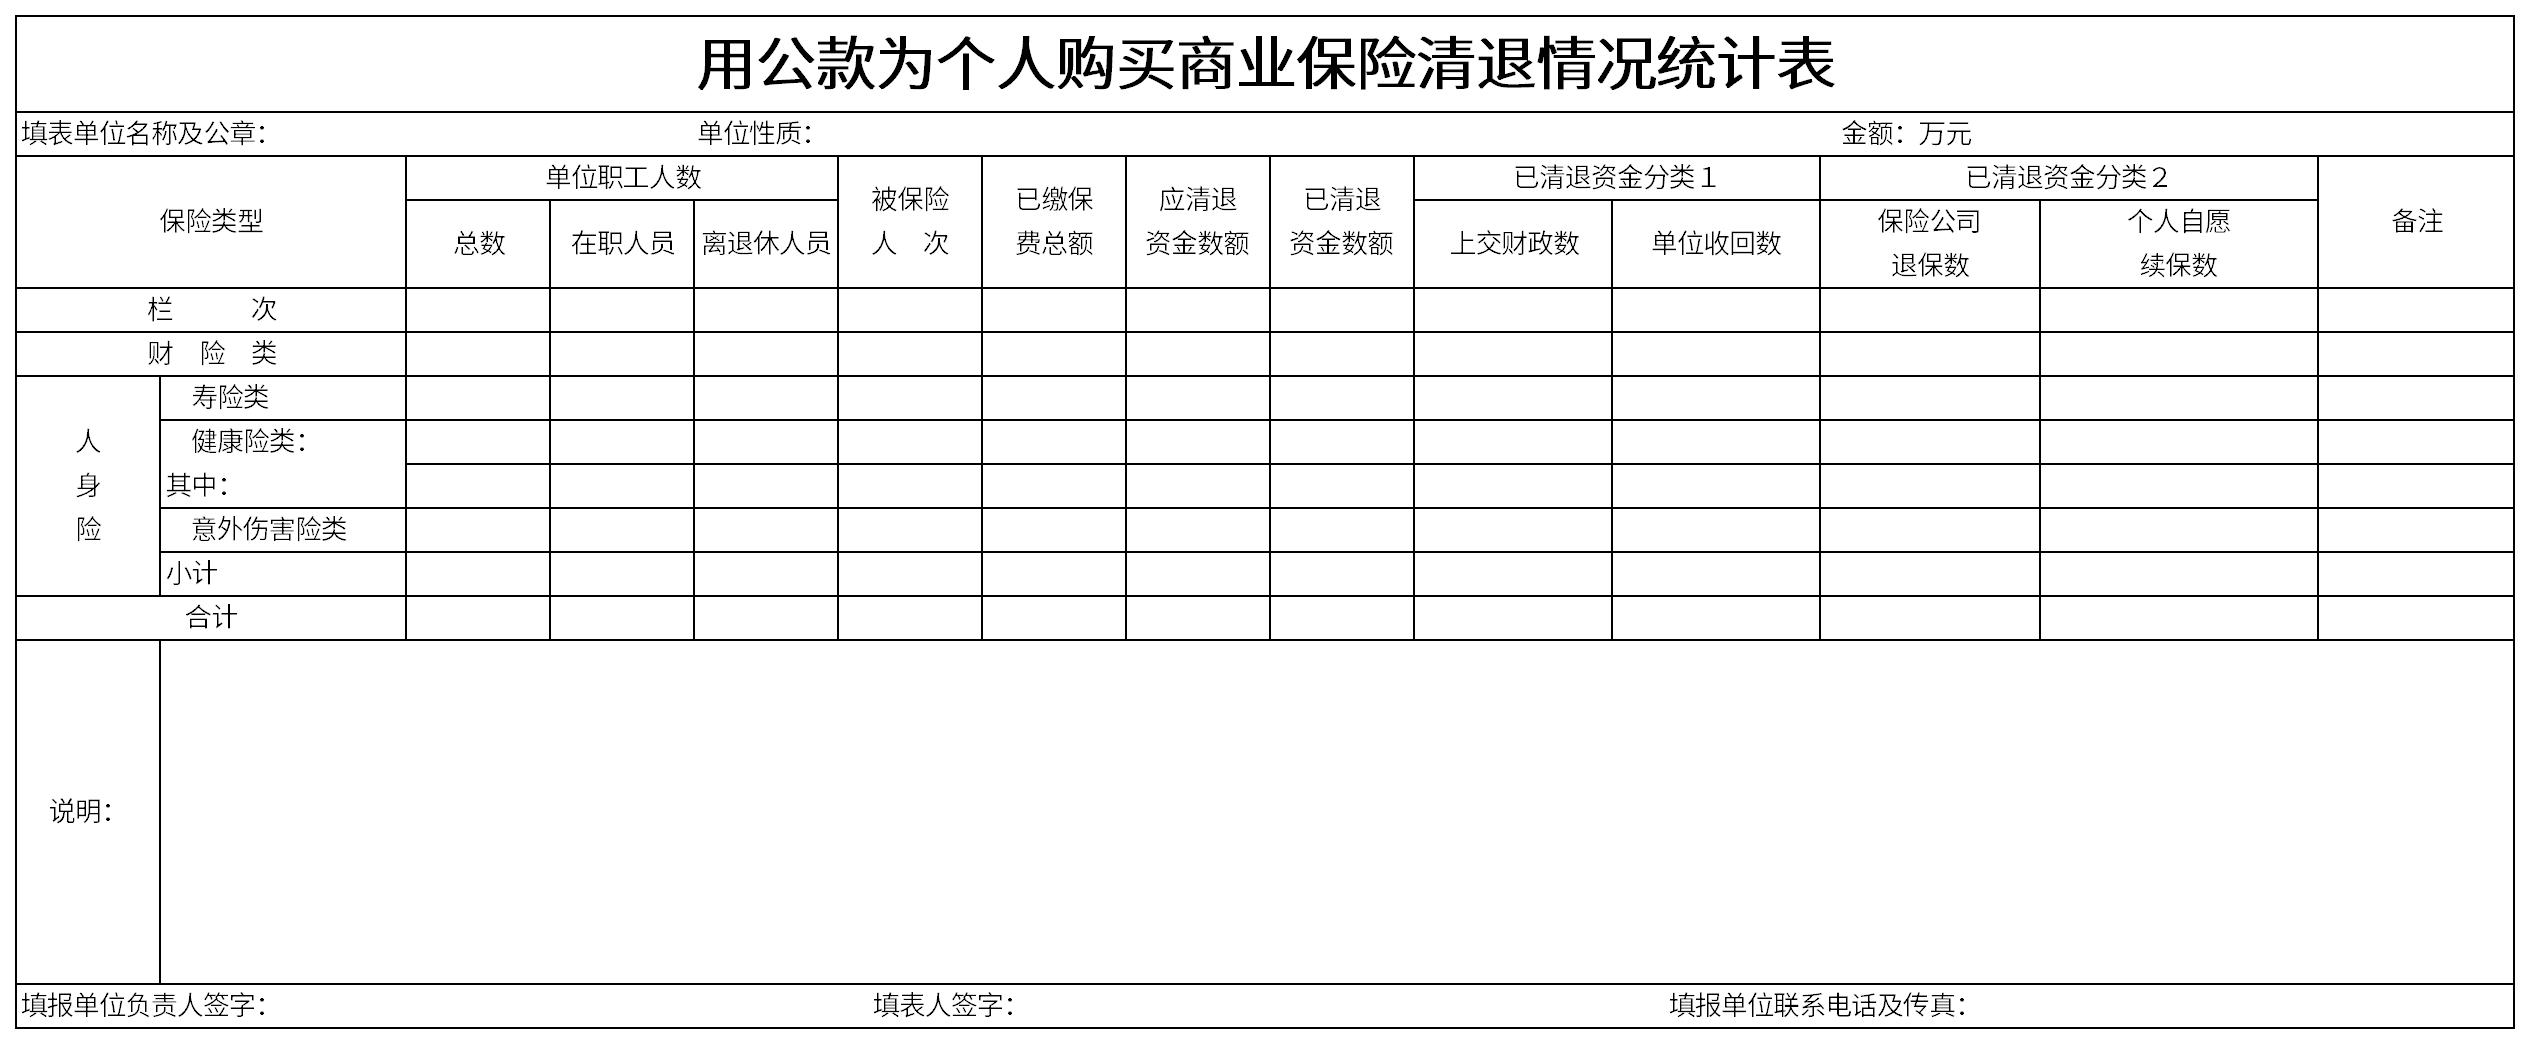 用公款为个人购买商业保险清退情况统计表截图